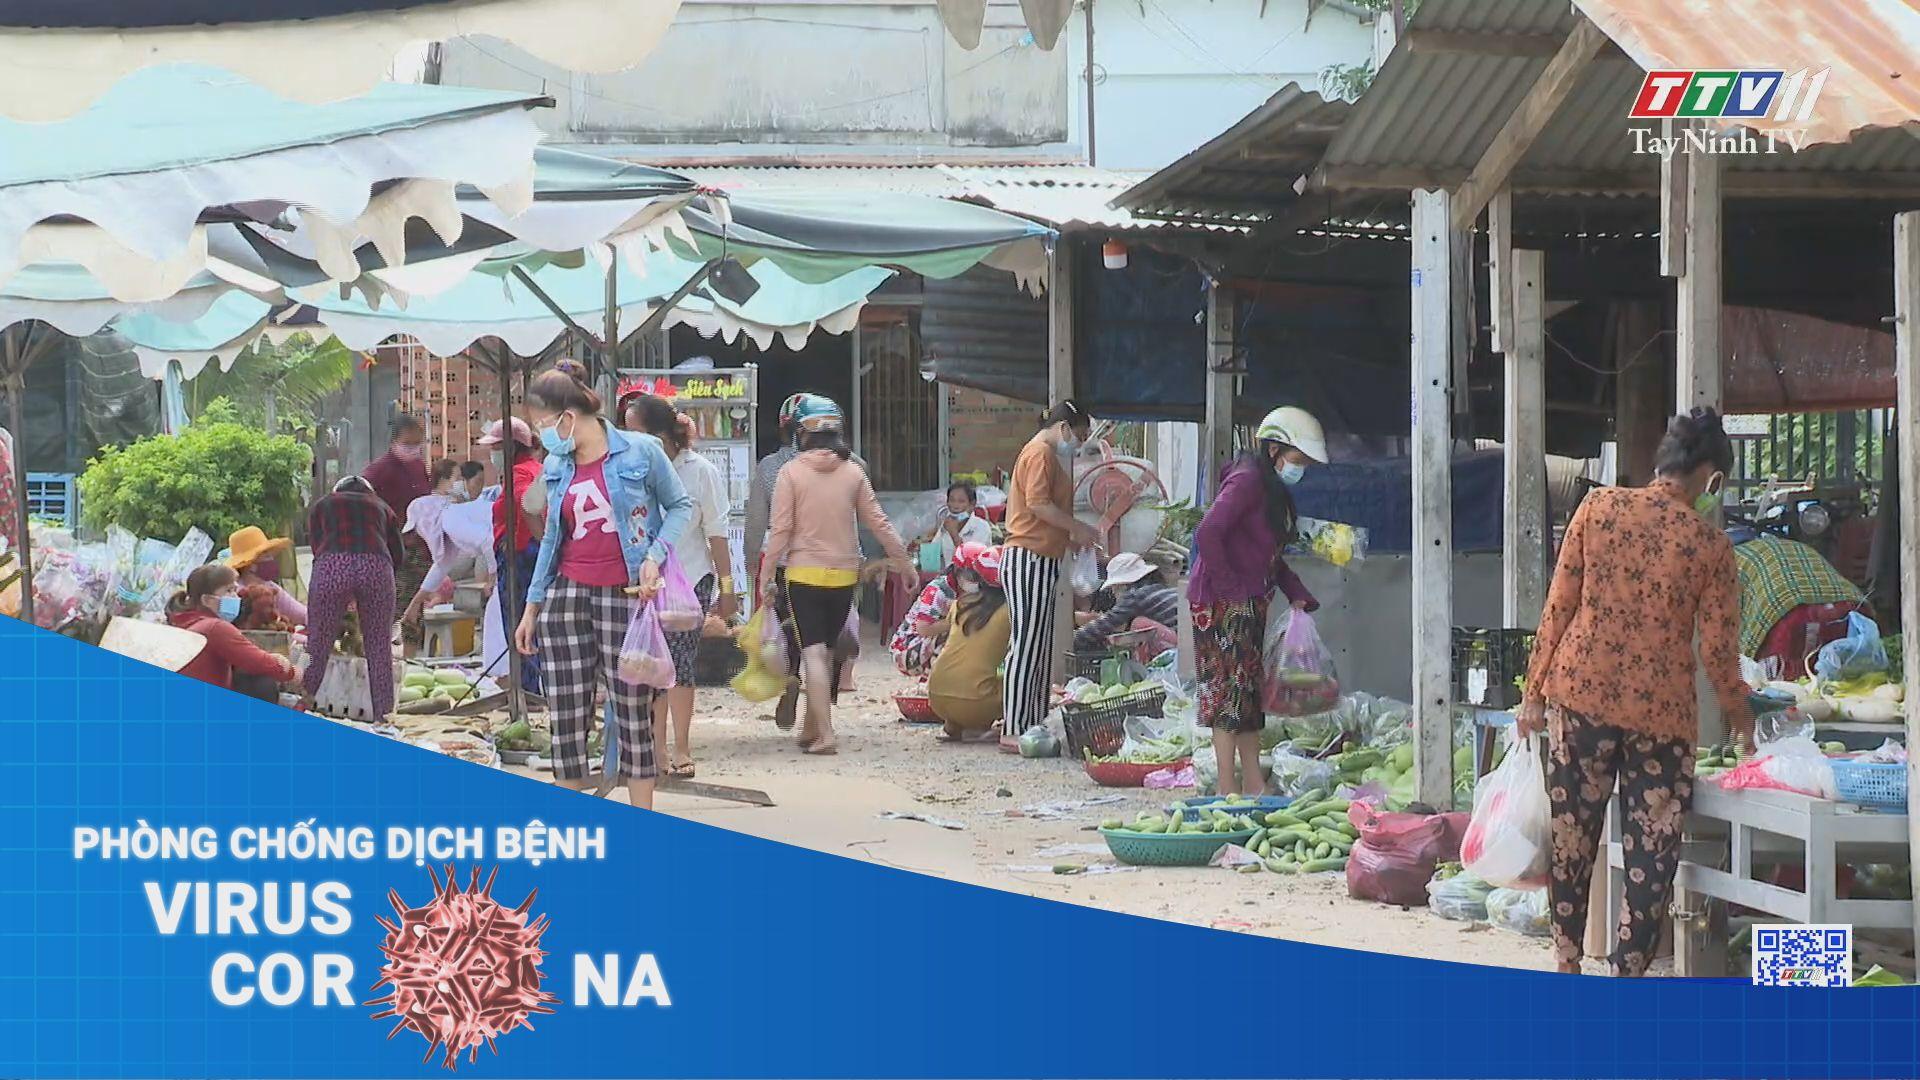 Huyện Dương Minh Châu: Thực hiện phát phiếu đi chợ cho người dân   THÔNG TIN DỊCH COVID-19   TayNinhTV